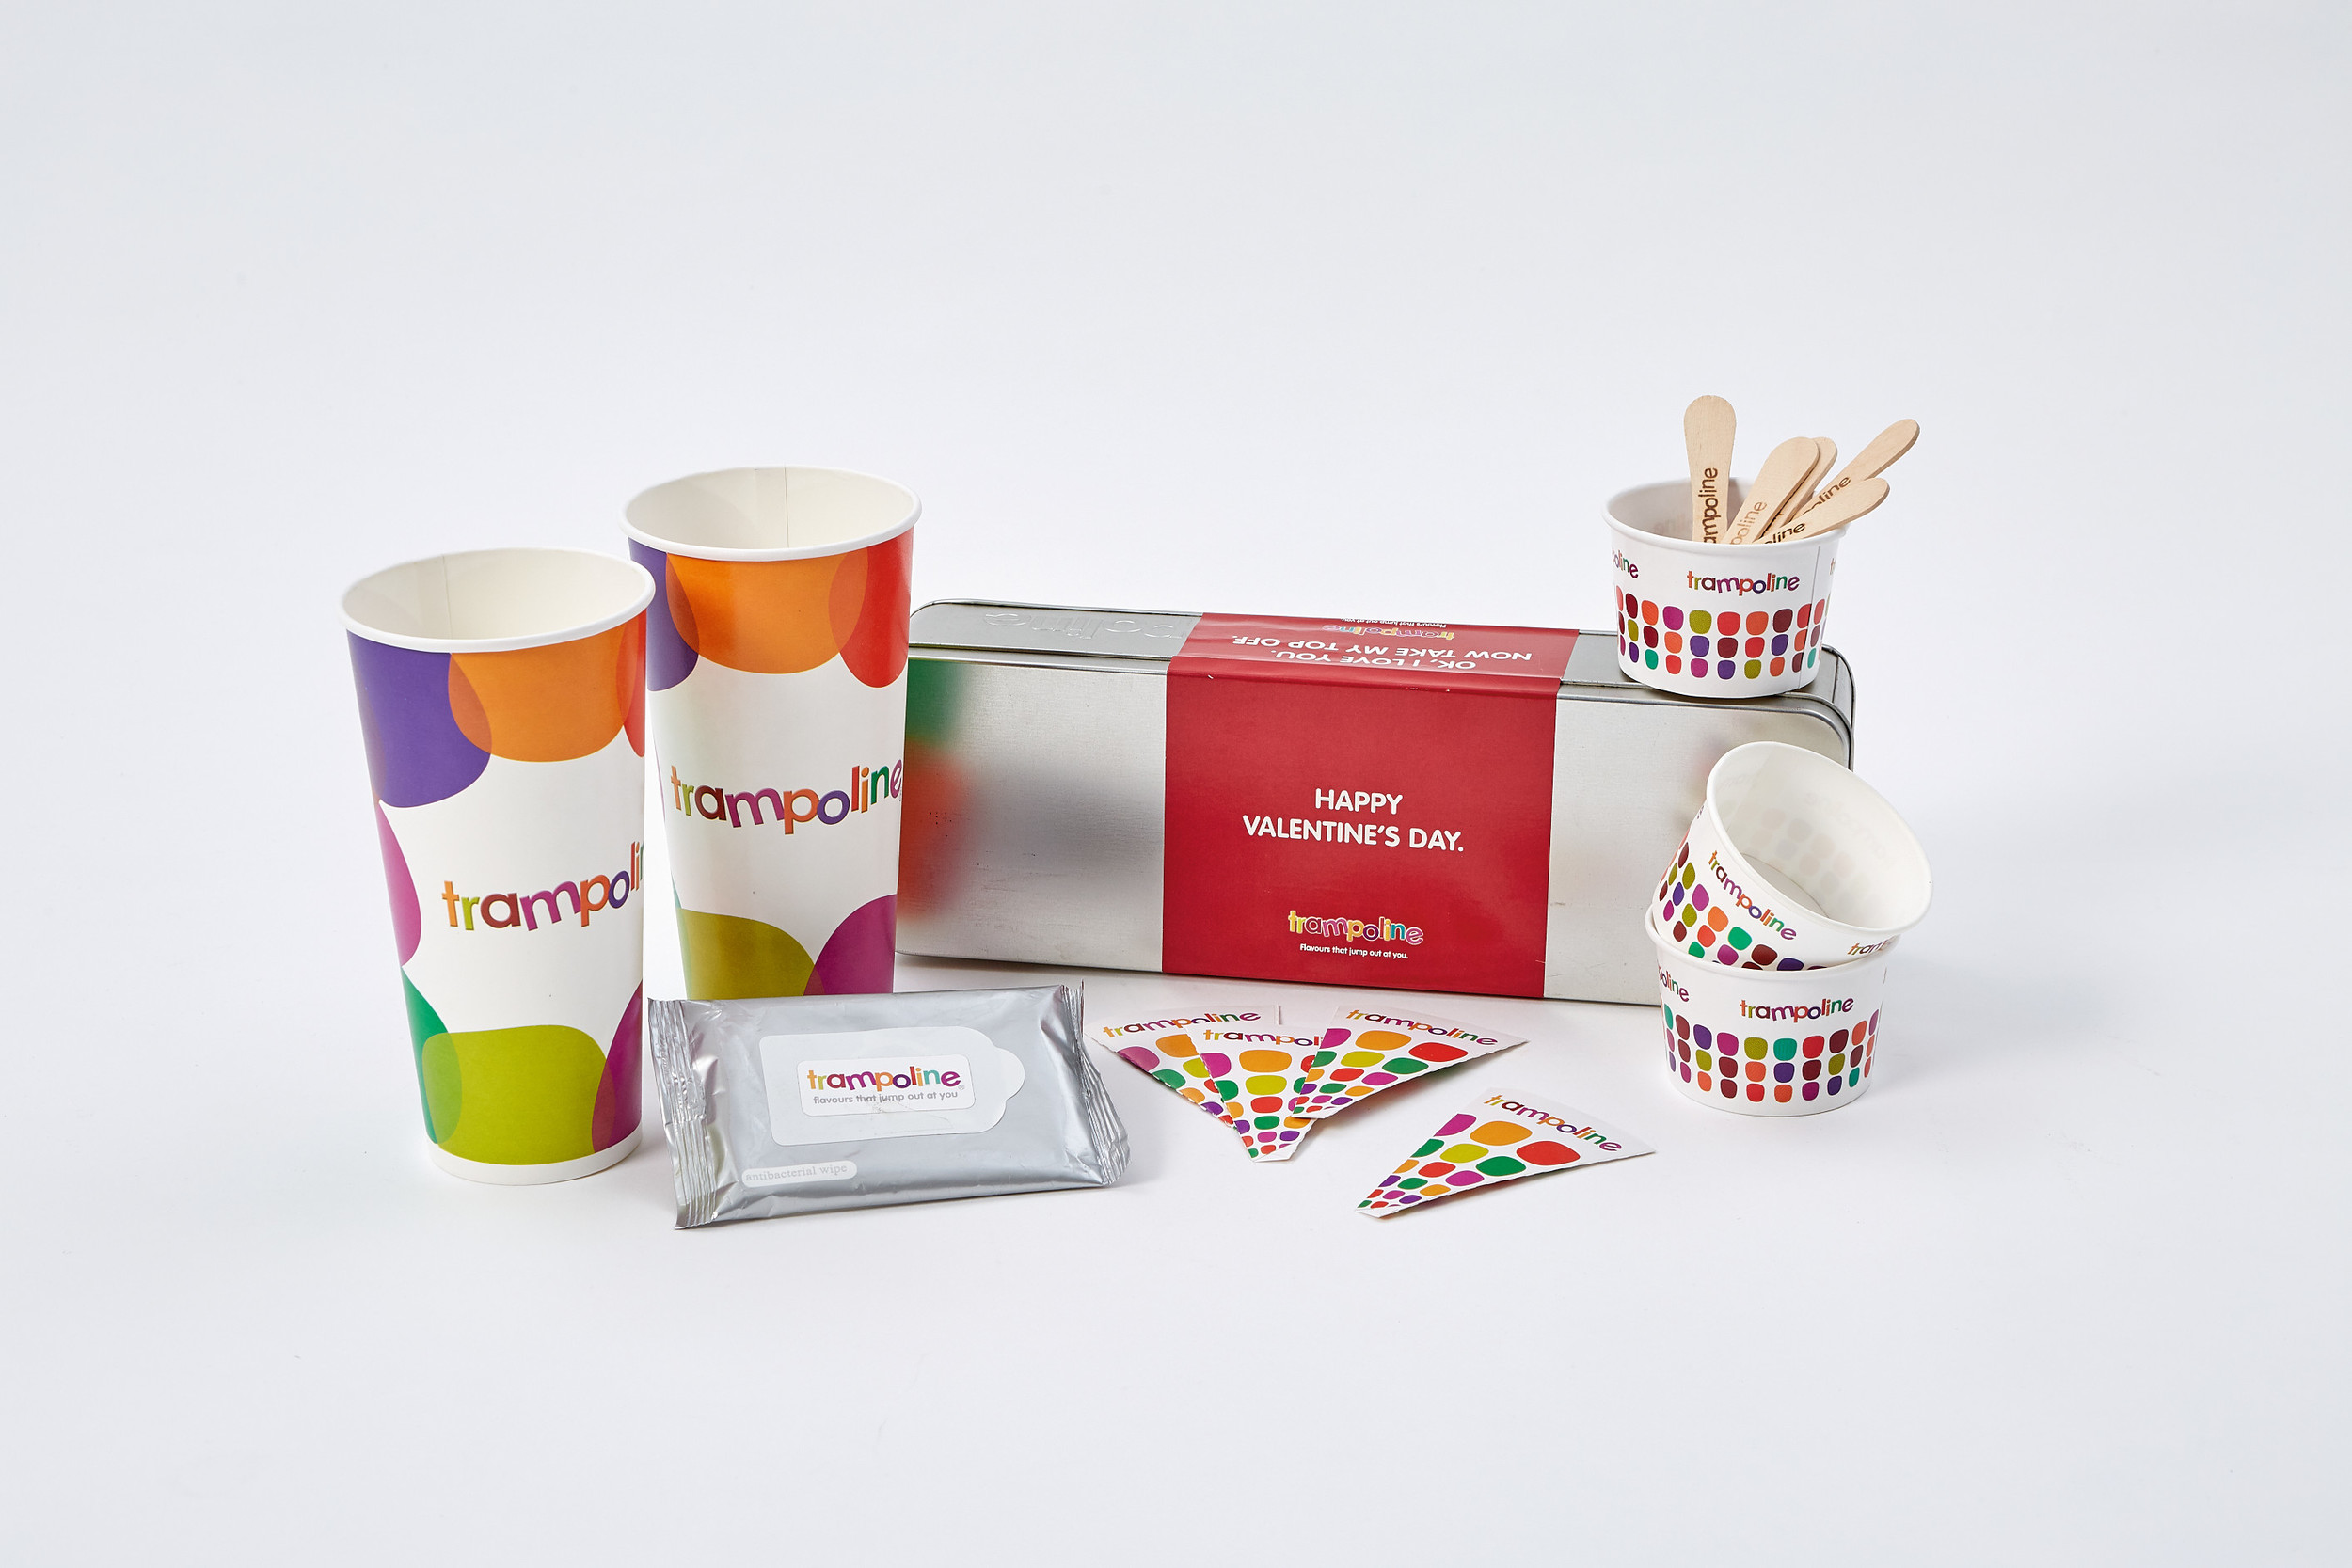 Packaging_Trampoline_002.jpg